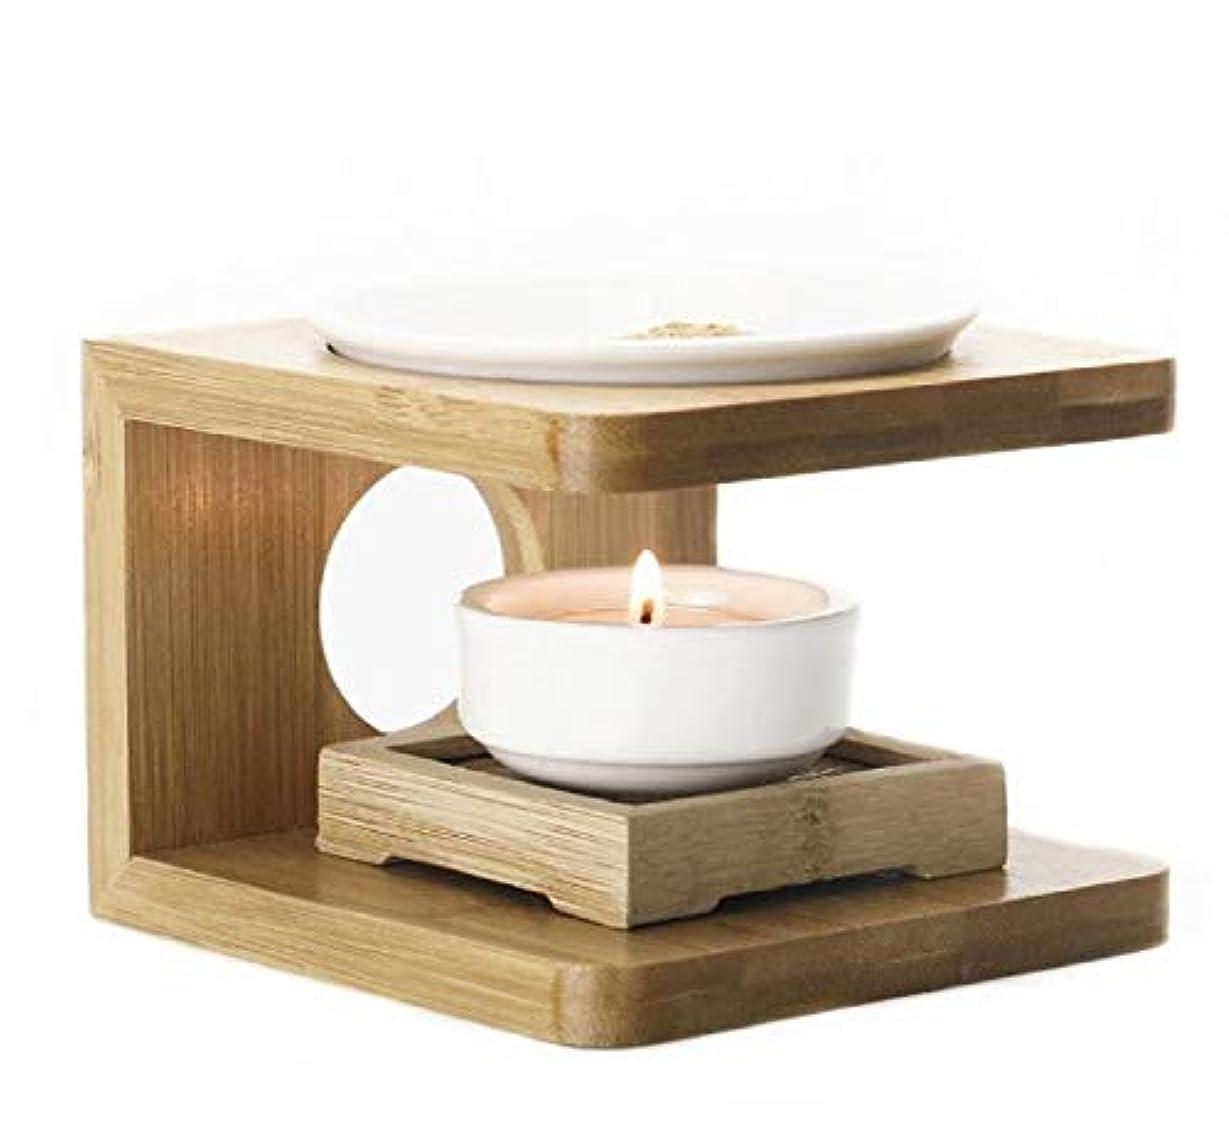 オンス床を掃除するミュート茶香炉 陶器茶香炉 茶こうろ 茶 インテリア お祝い最適なプレゼント 茶香炉 陶器茶香炉 アロマ炉 茶こうろ お茶 MGC JAPAN TRADE